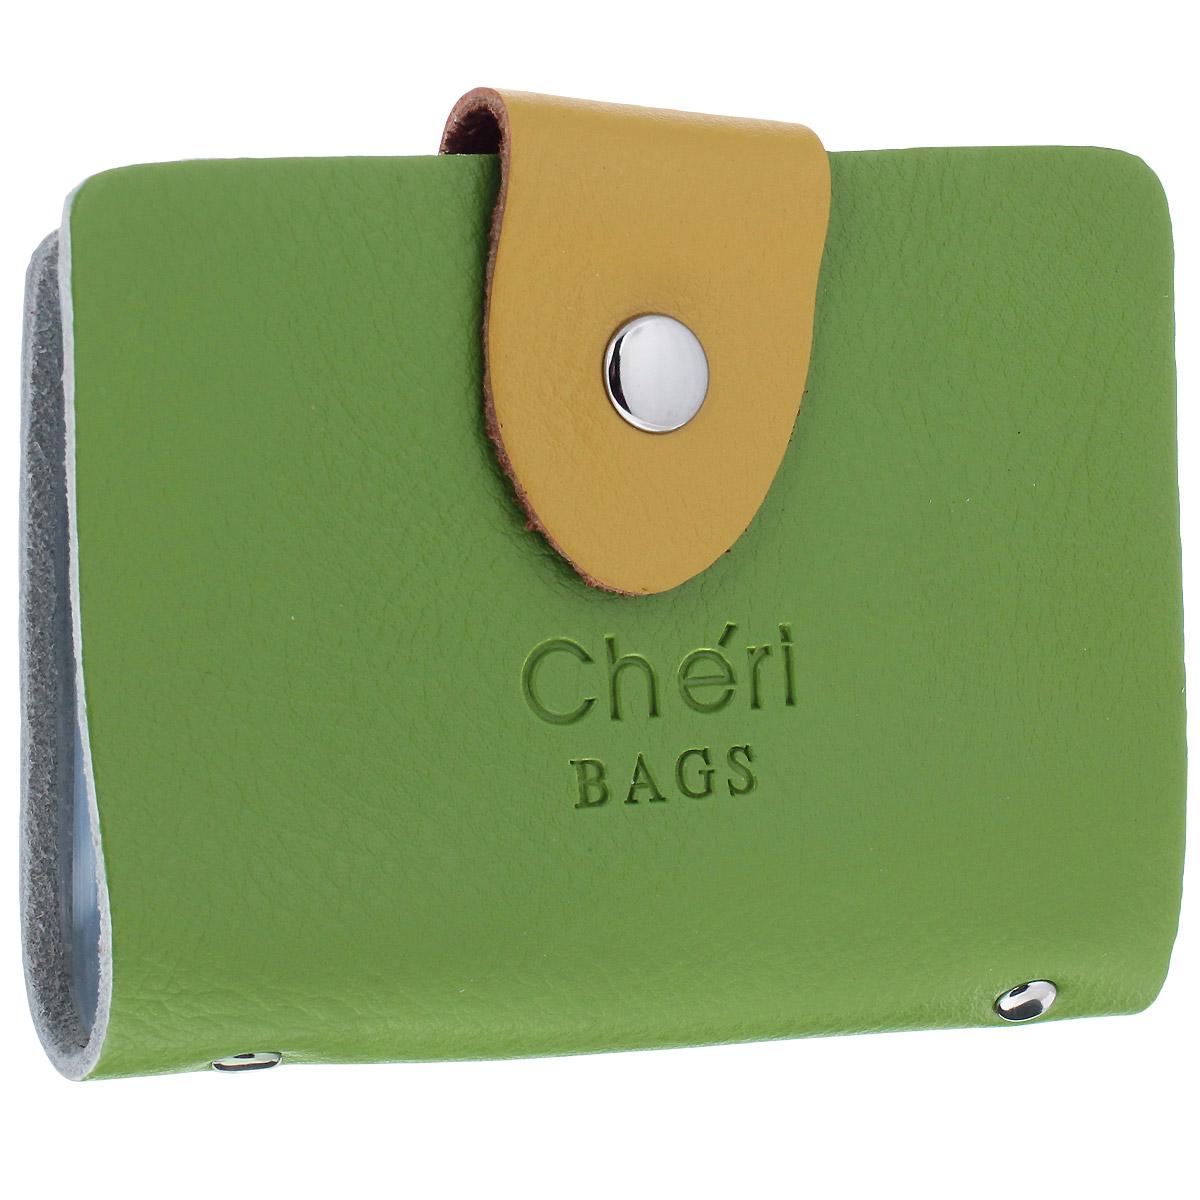 Визитница Cheribags, цвет: зеленый, желтый. V-0498-14B16-11416Трендовая визитница Cheribags изготовлена из натуральной кожи и декорирована тисненым названием бренда спереди. Изделие закрывается хлястиком на кнопку. Внутри - блок из прозрачного мягкого пластика на 26 визиток, который крепится к корпусу визитницы на металлические заклепки.Стильная визитница - это не только практичная вещь для хранения пластиковых карт, но и модный аксессуар, который подчеркнет ваш неповторимый стиль.